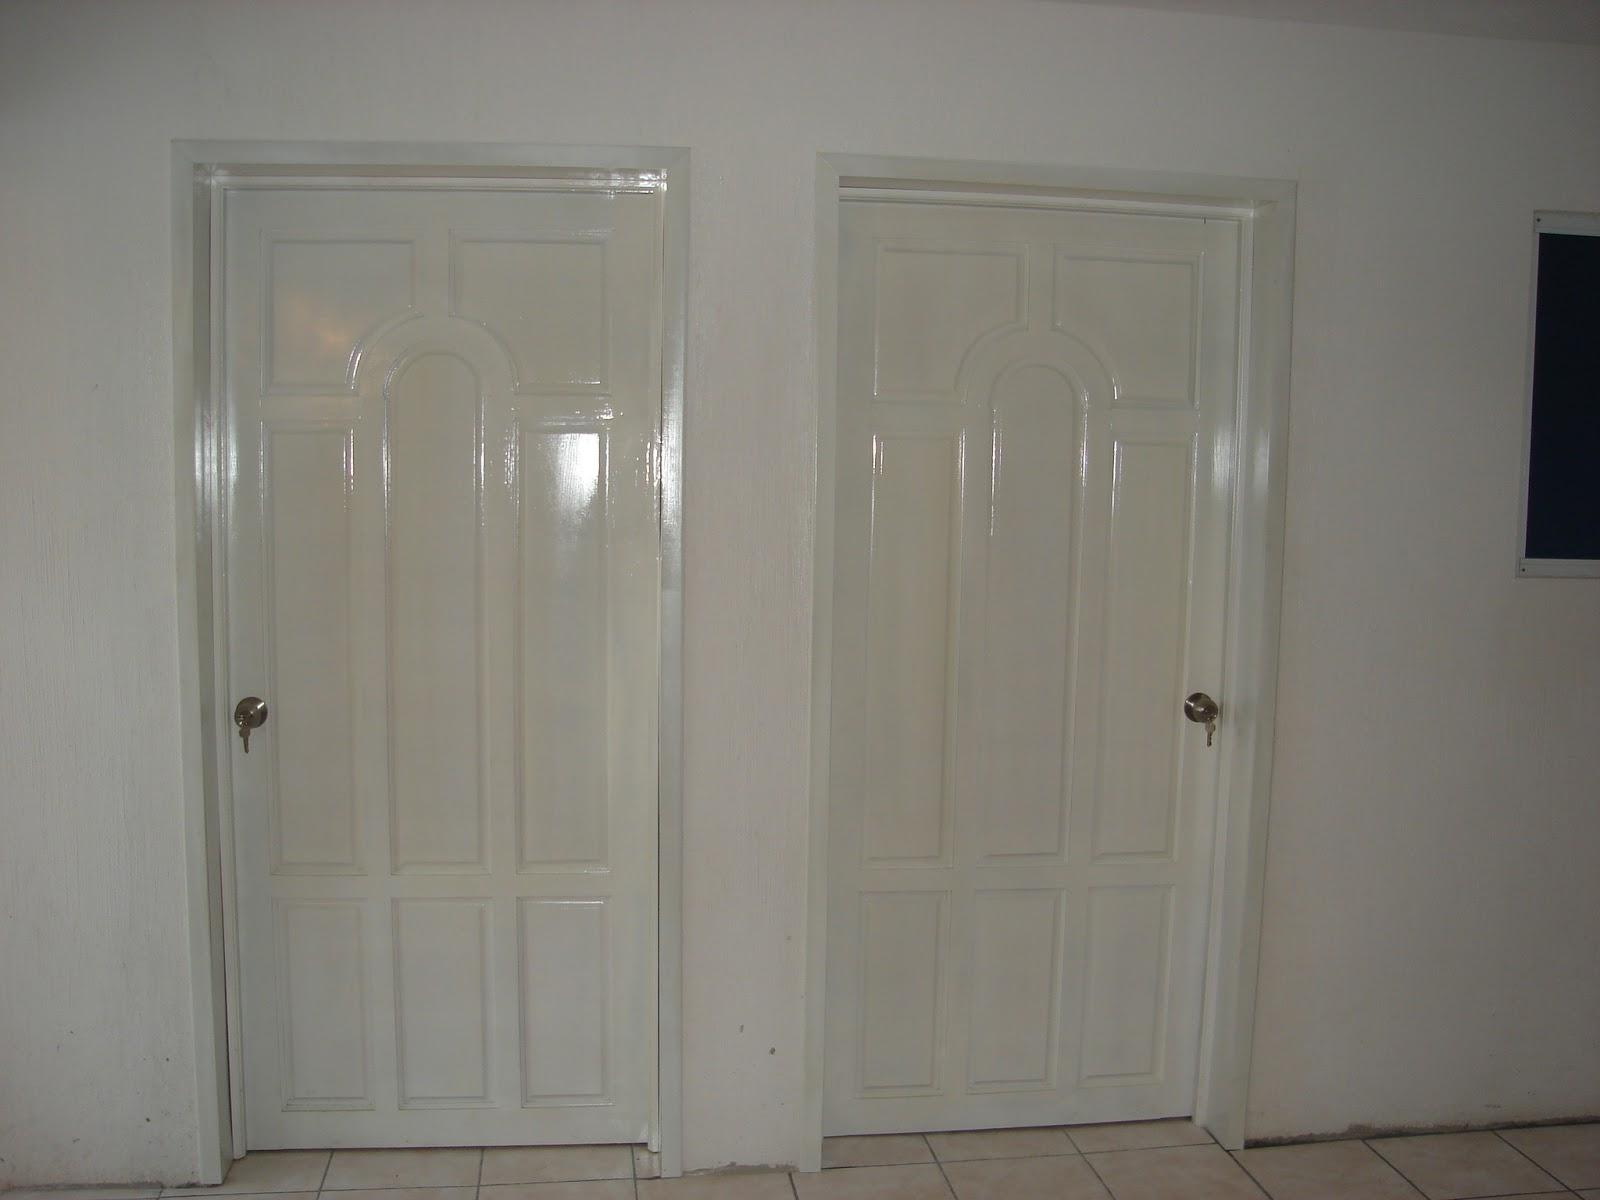 q 39 anil multiservicios puertas prefabricadas On puertas de madera prefabricadas guatemala